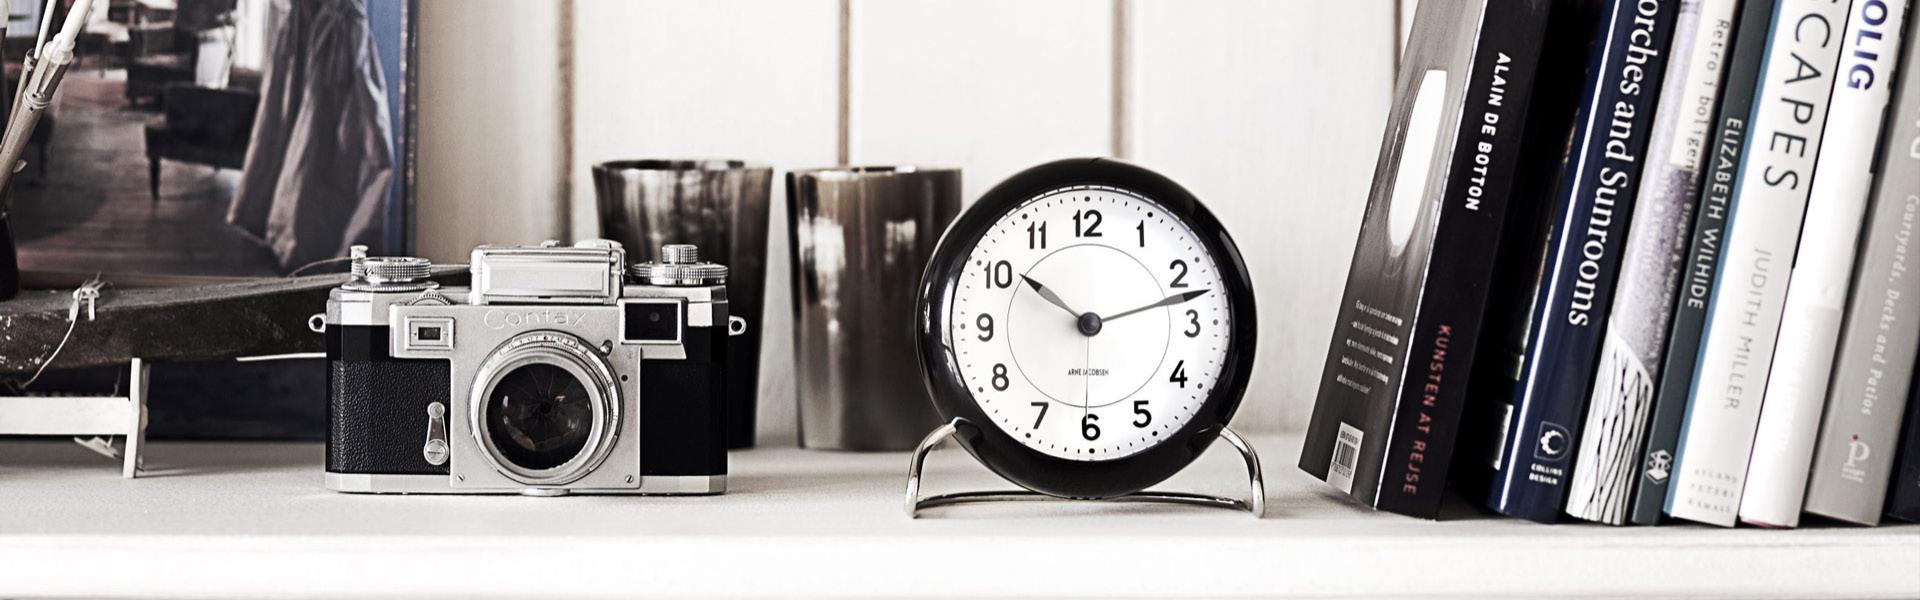 Arne-Jacobsen-klokker-03.jpg